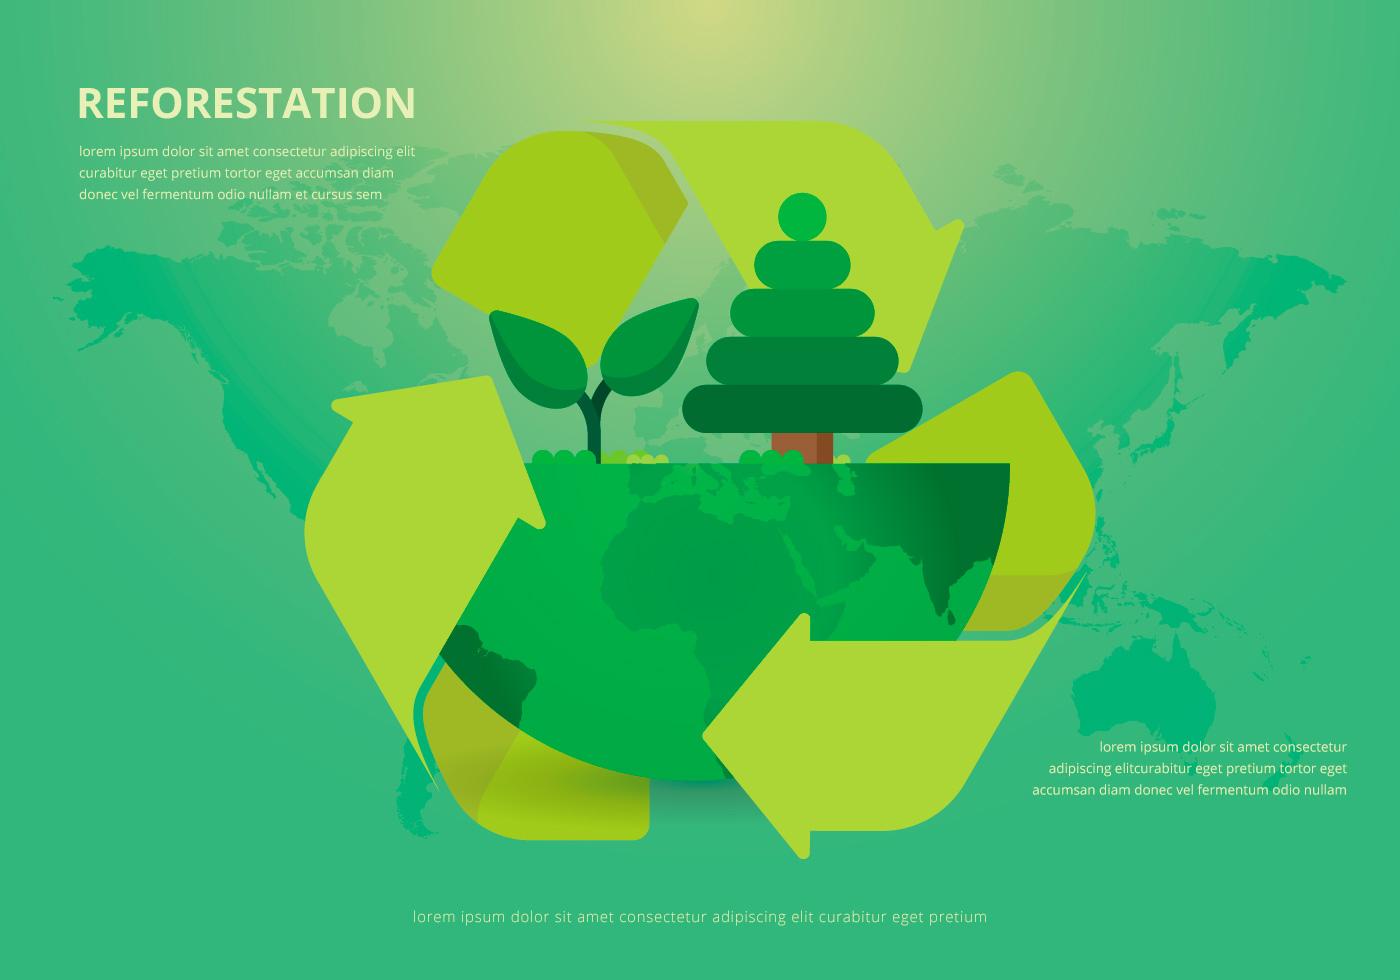 life of nature reforestation download free vector art. Black Bedroom Furniture Sets. Home Design Ideas